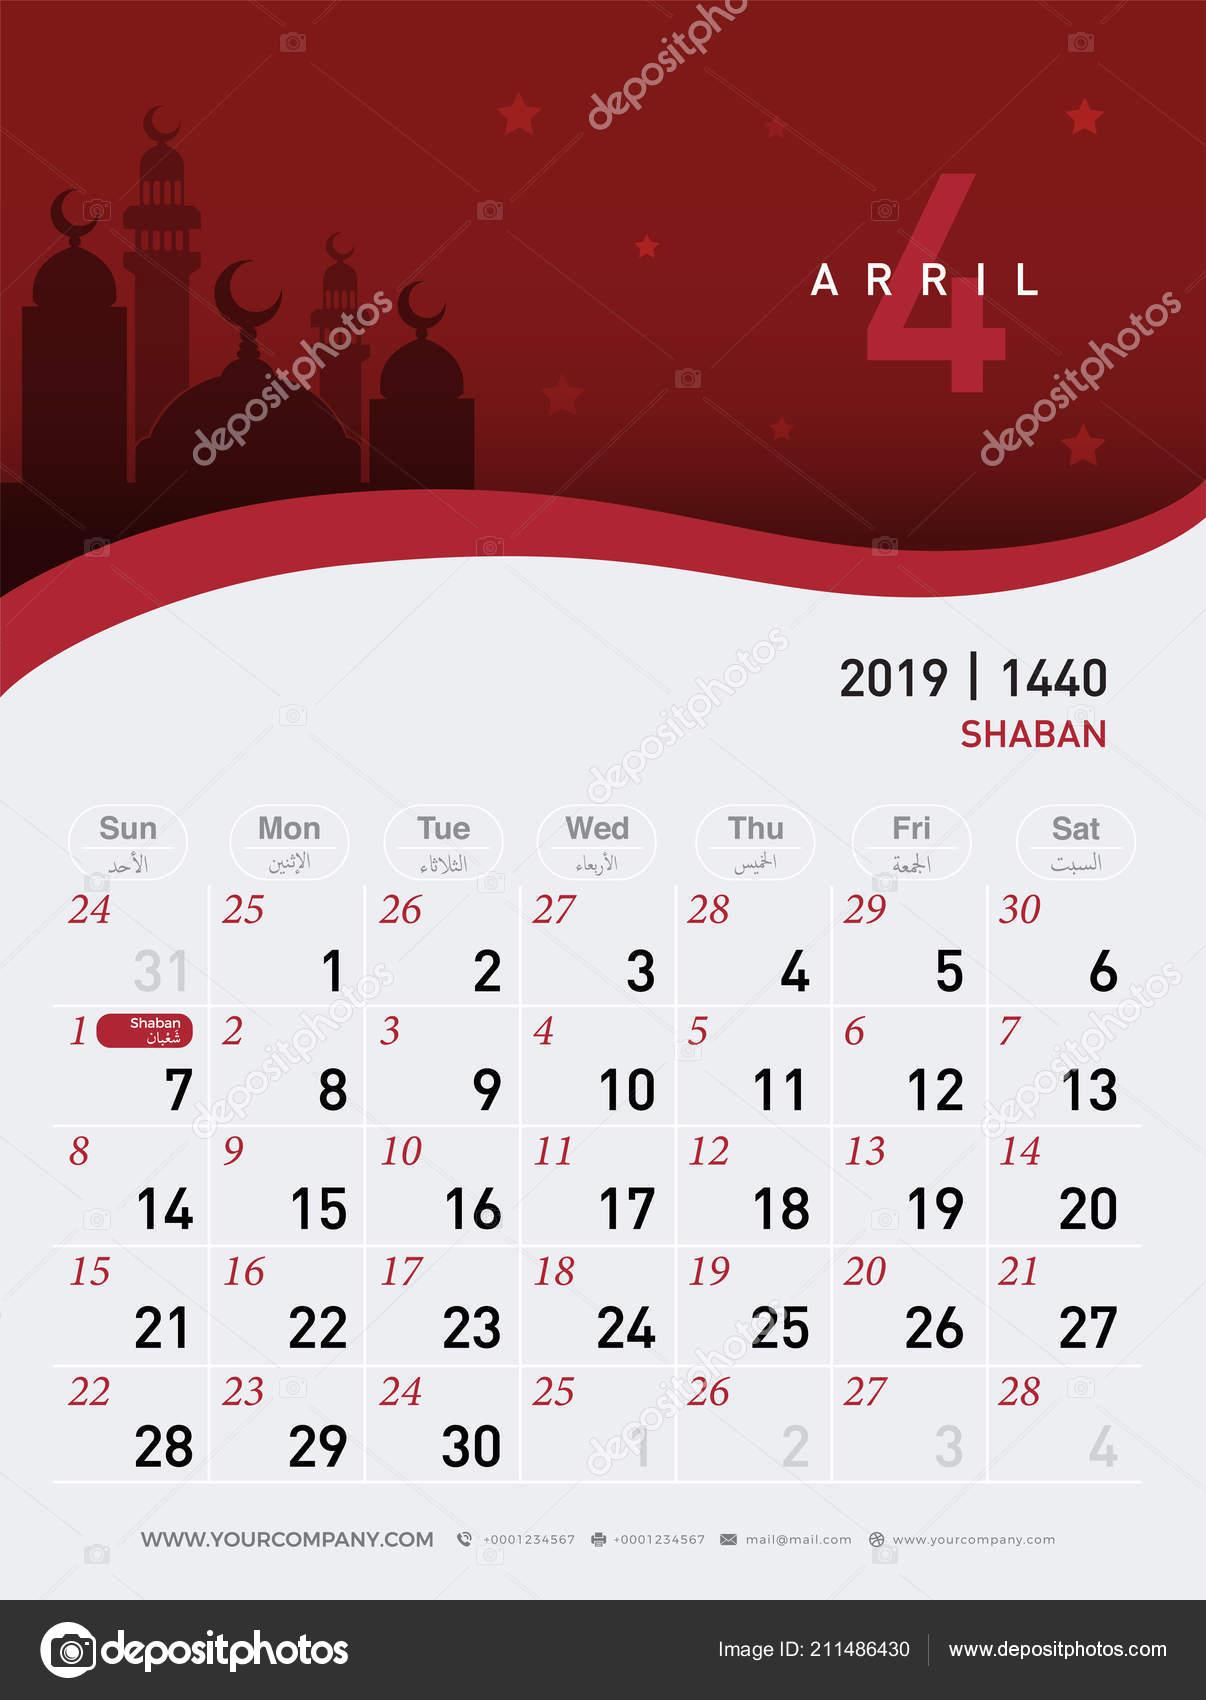 Calendario 2019 Illustrator.Abril Del Calendario 2019 Plantilla Diseno Islamico Hijri